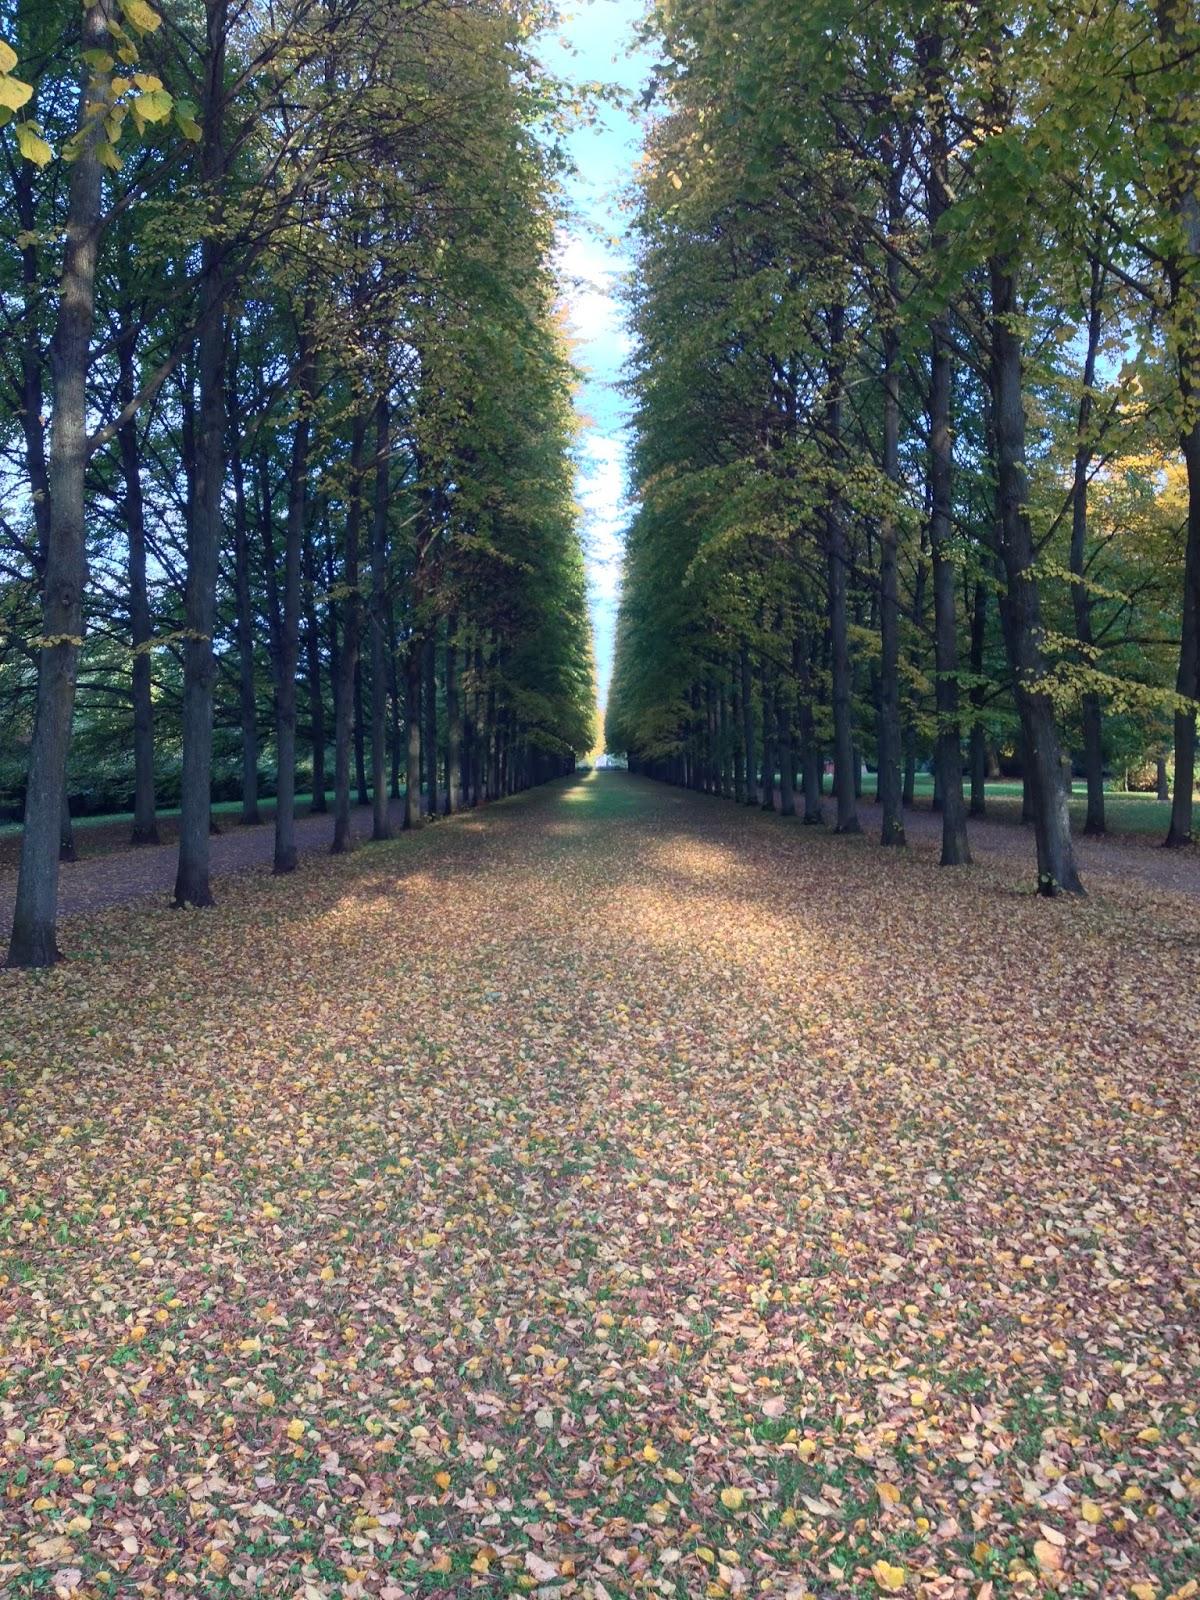 Bäume, Allee, Herbstlaub auf Boden